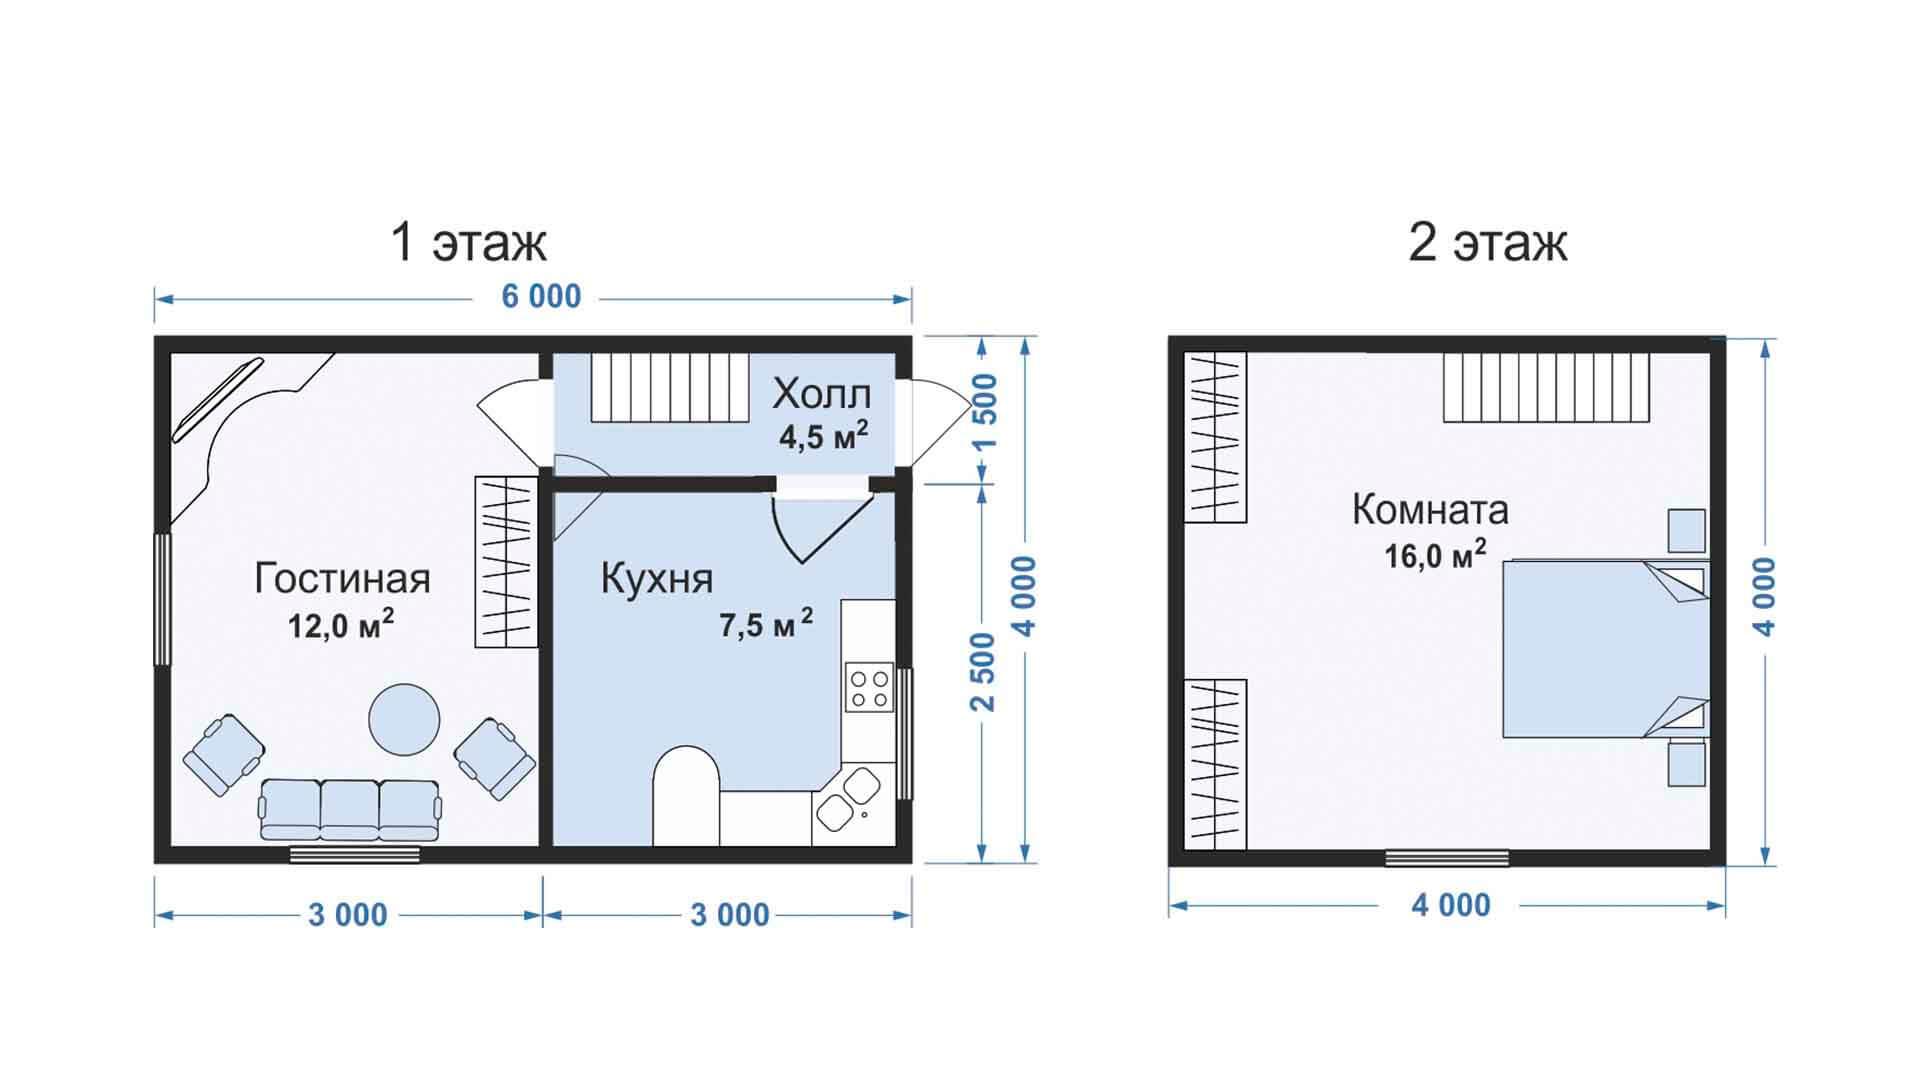 260000 руб_1